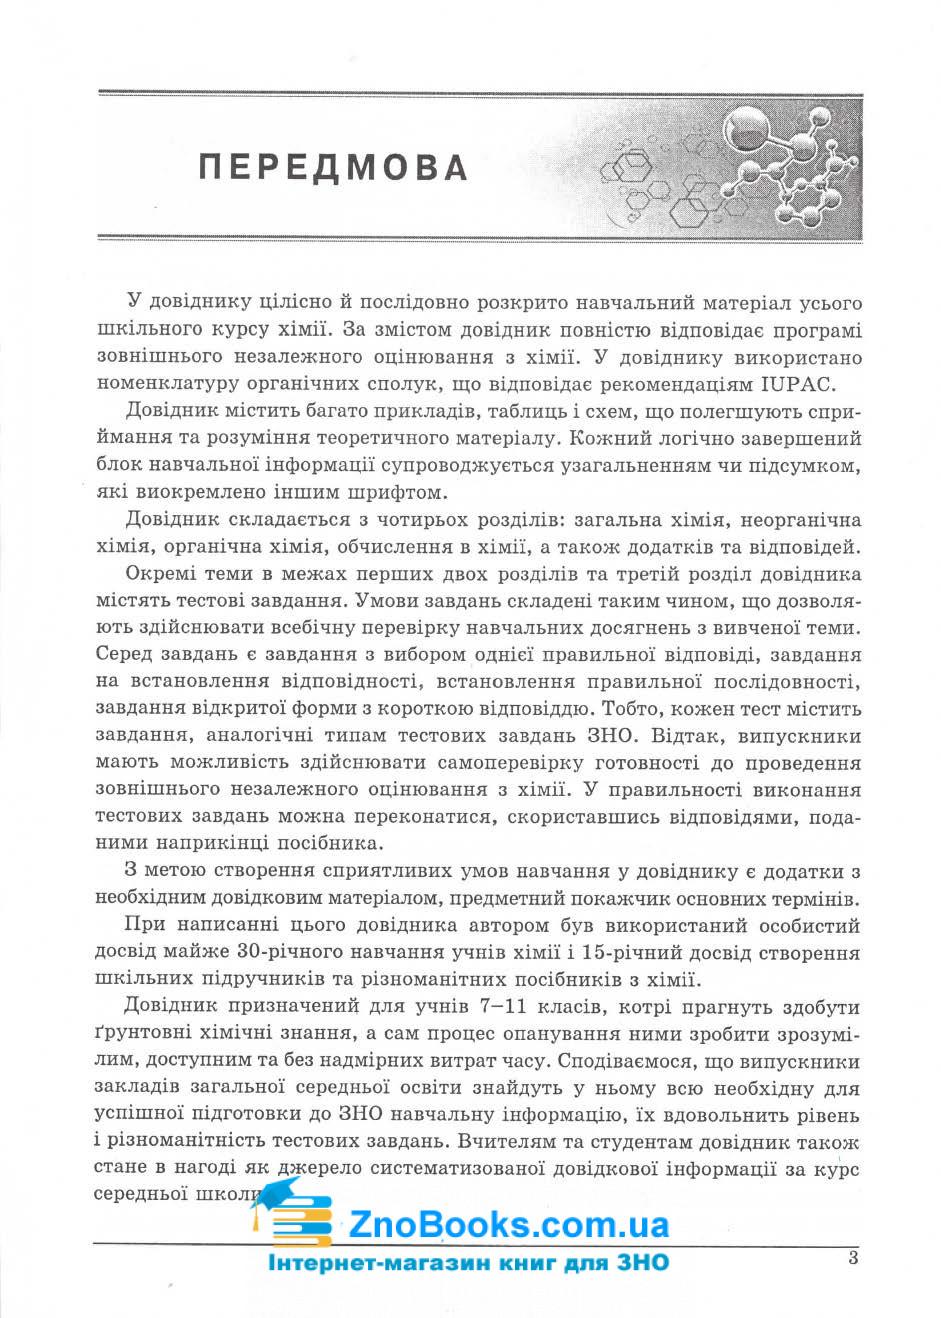 Хімія ЗНО 2022. Довідник + тести : Ярошенко О. Абетка . купити 3